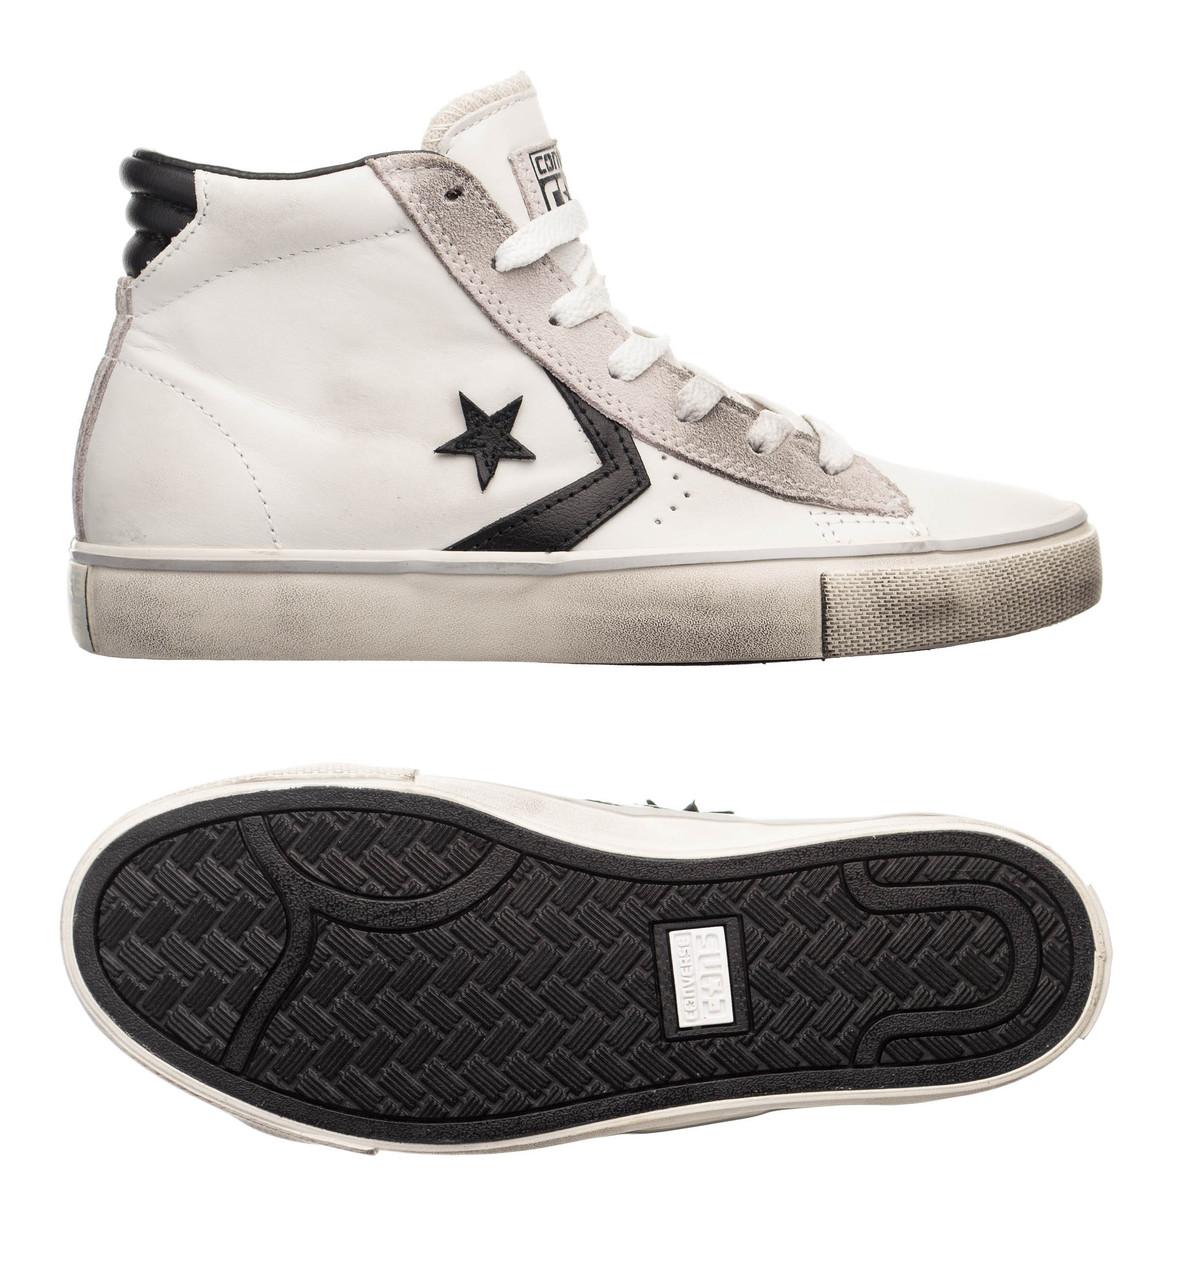 Кеди Converse 37  1 490 грн. - Другая женская обувь Львов ... b76bf09310807